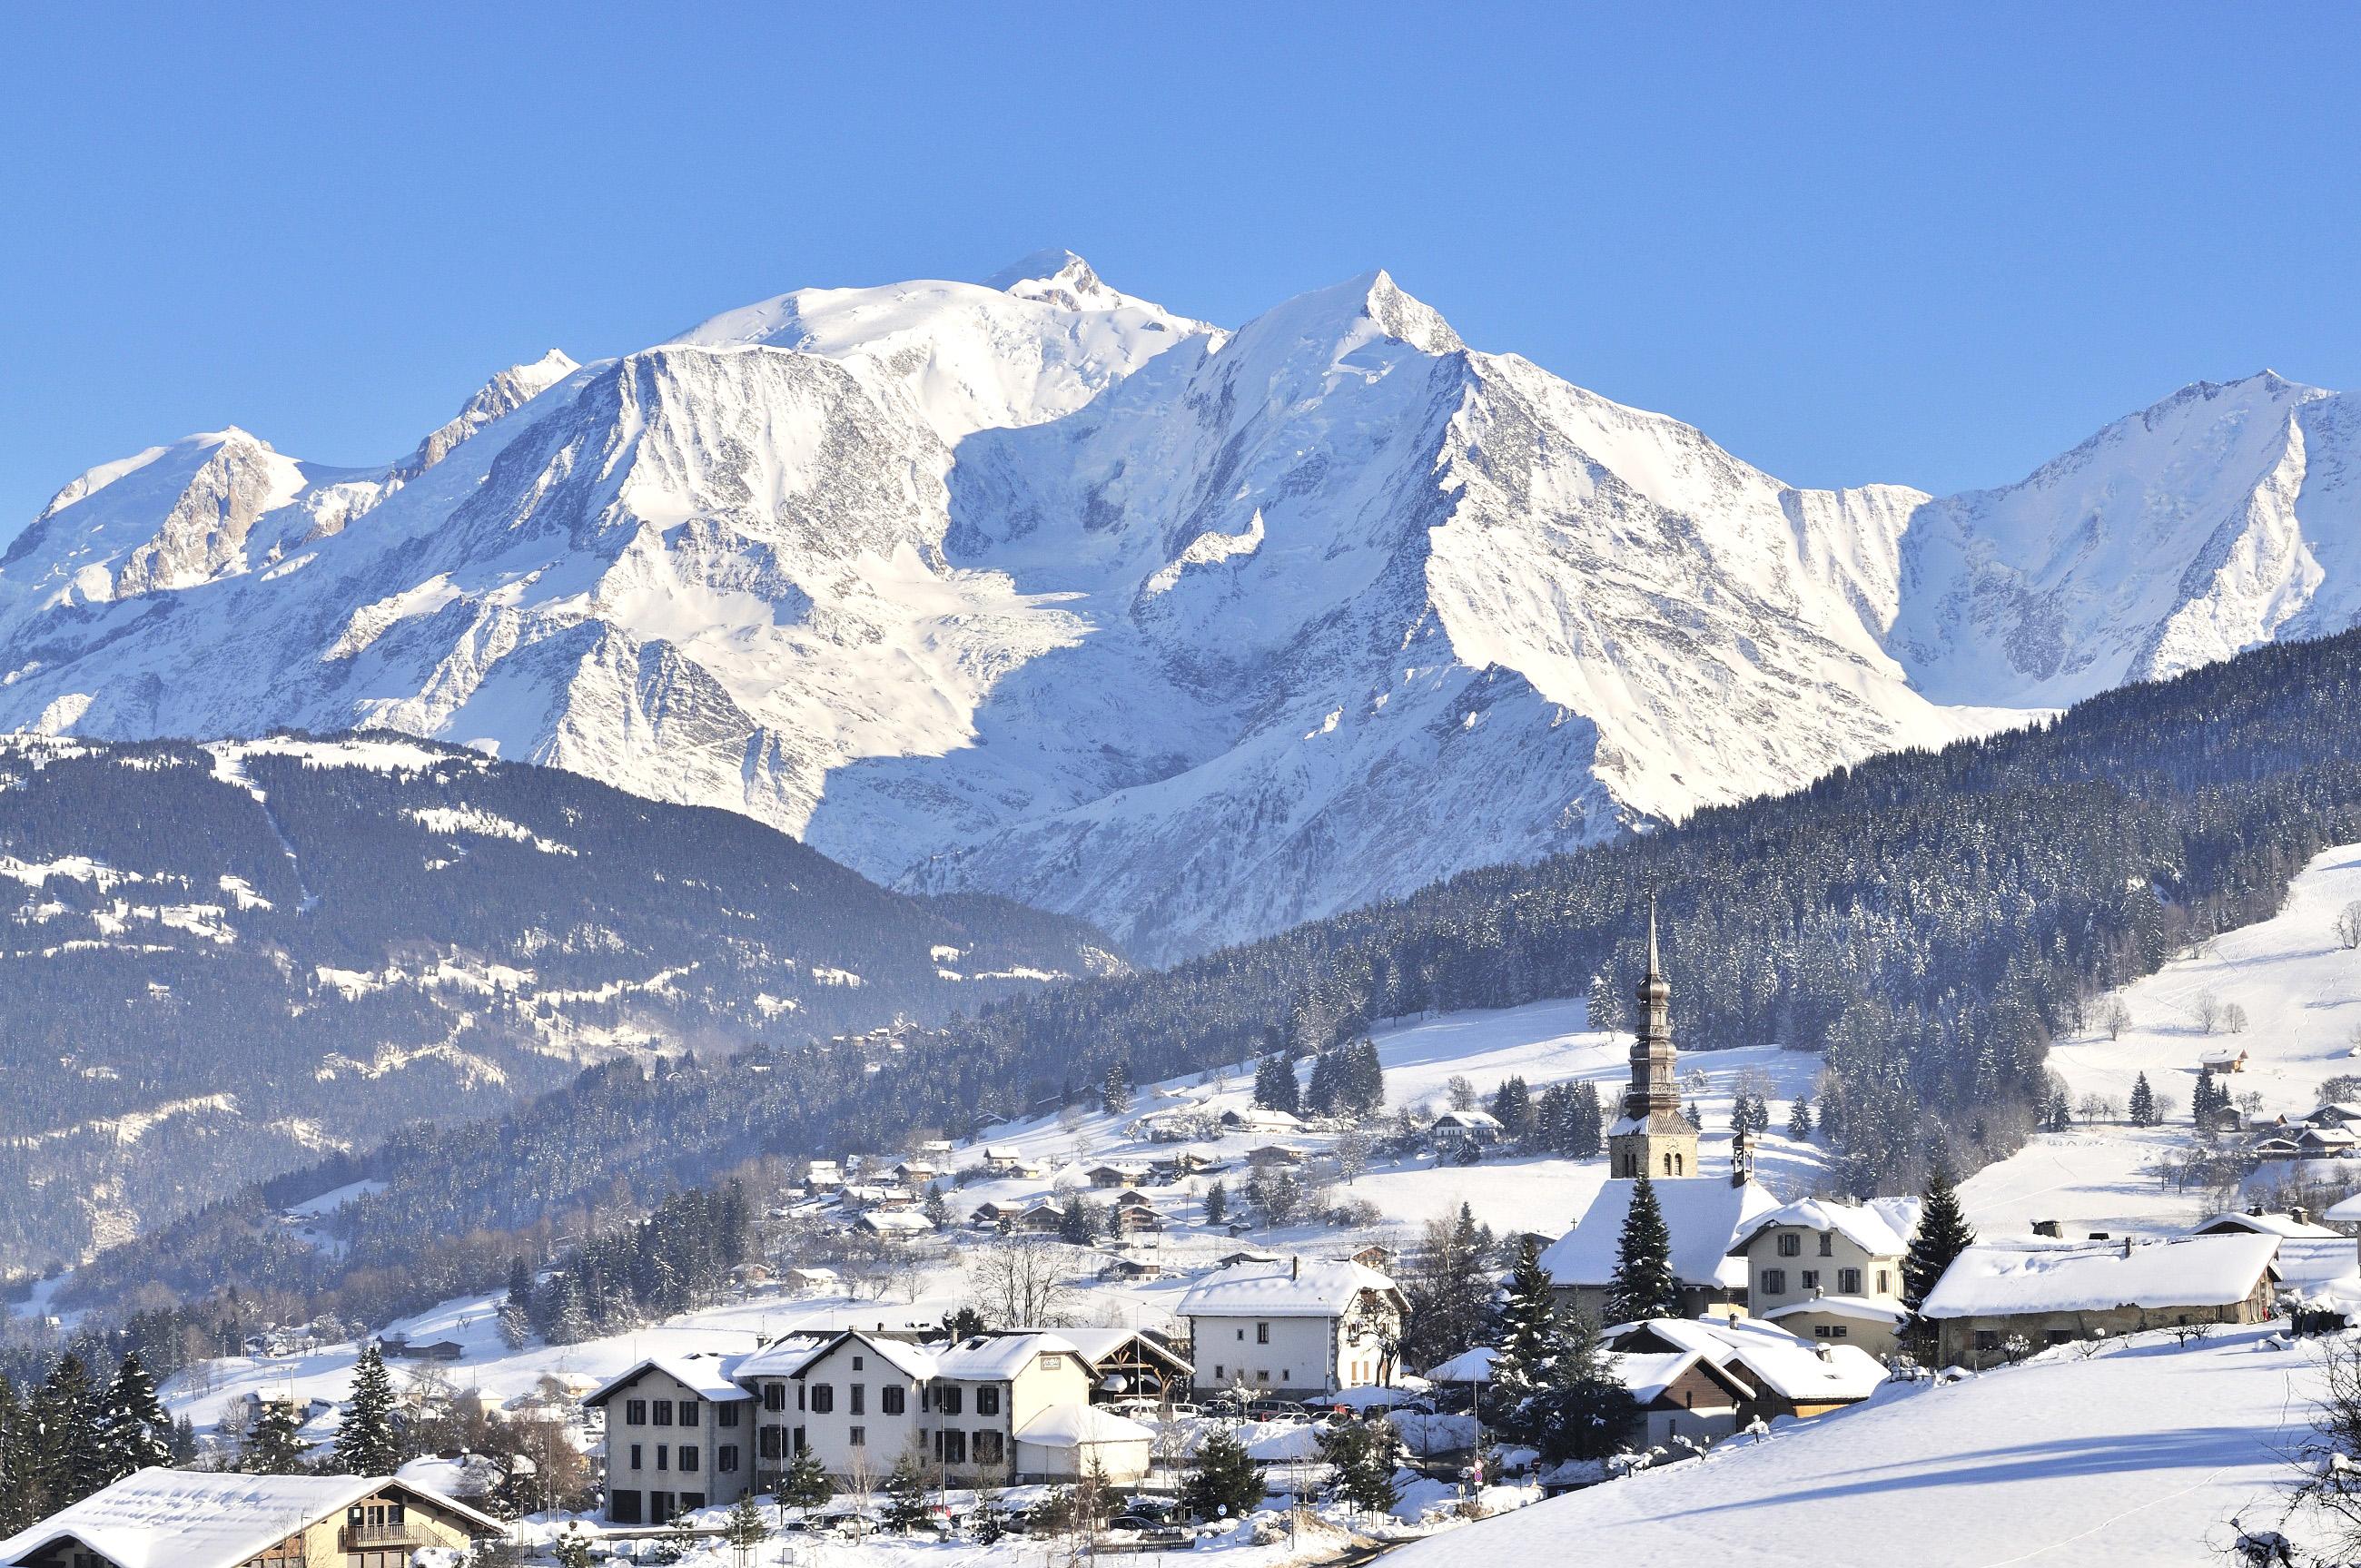 Chamonix ski resort in the snow